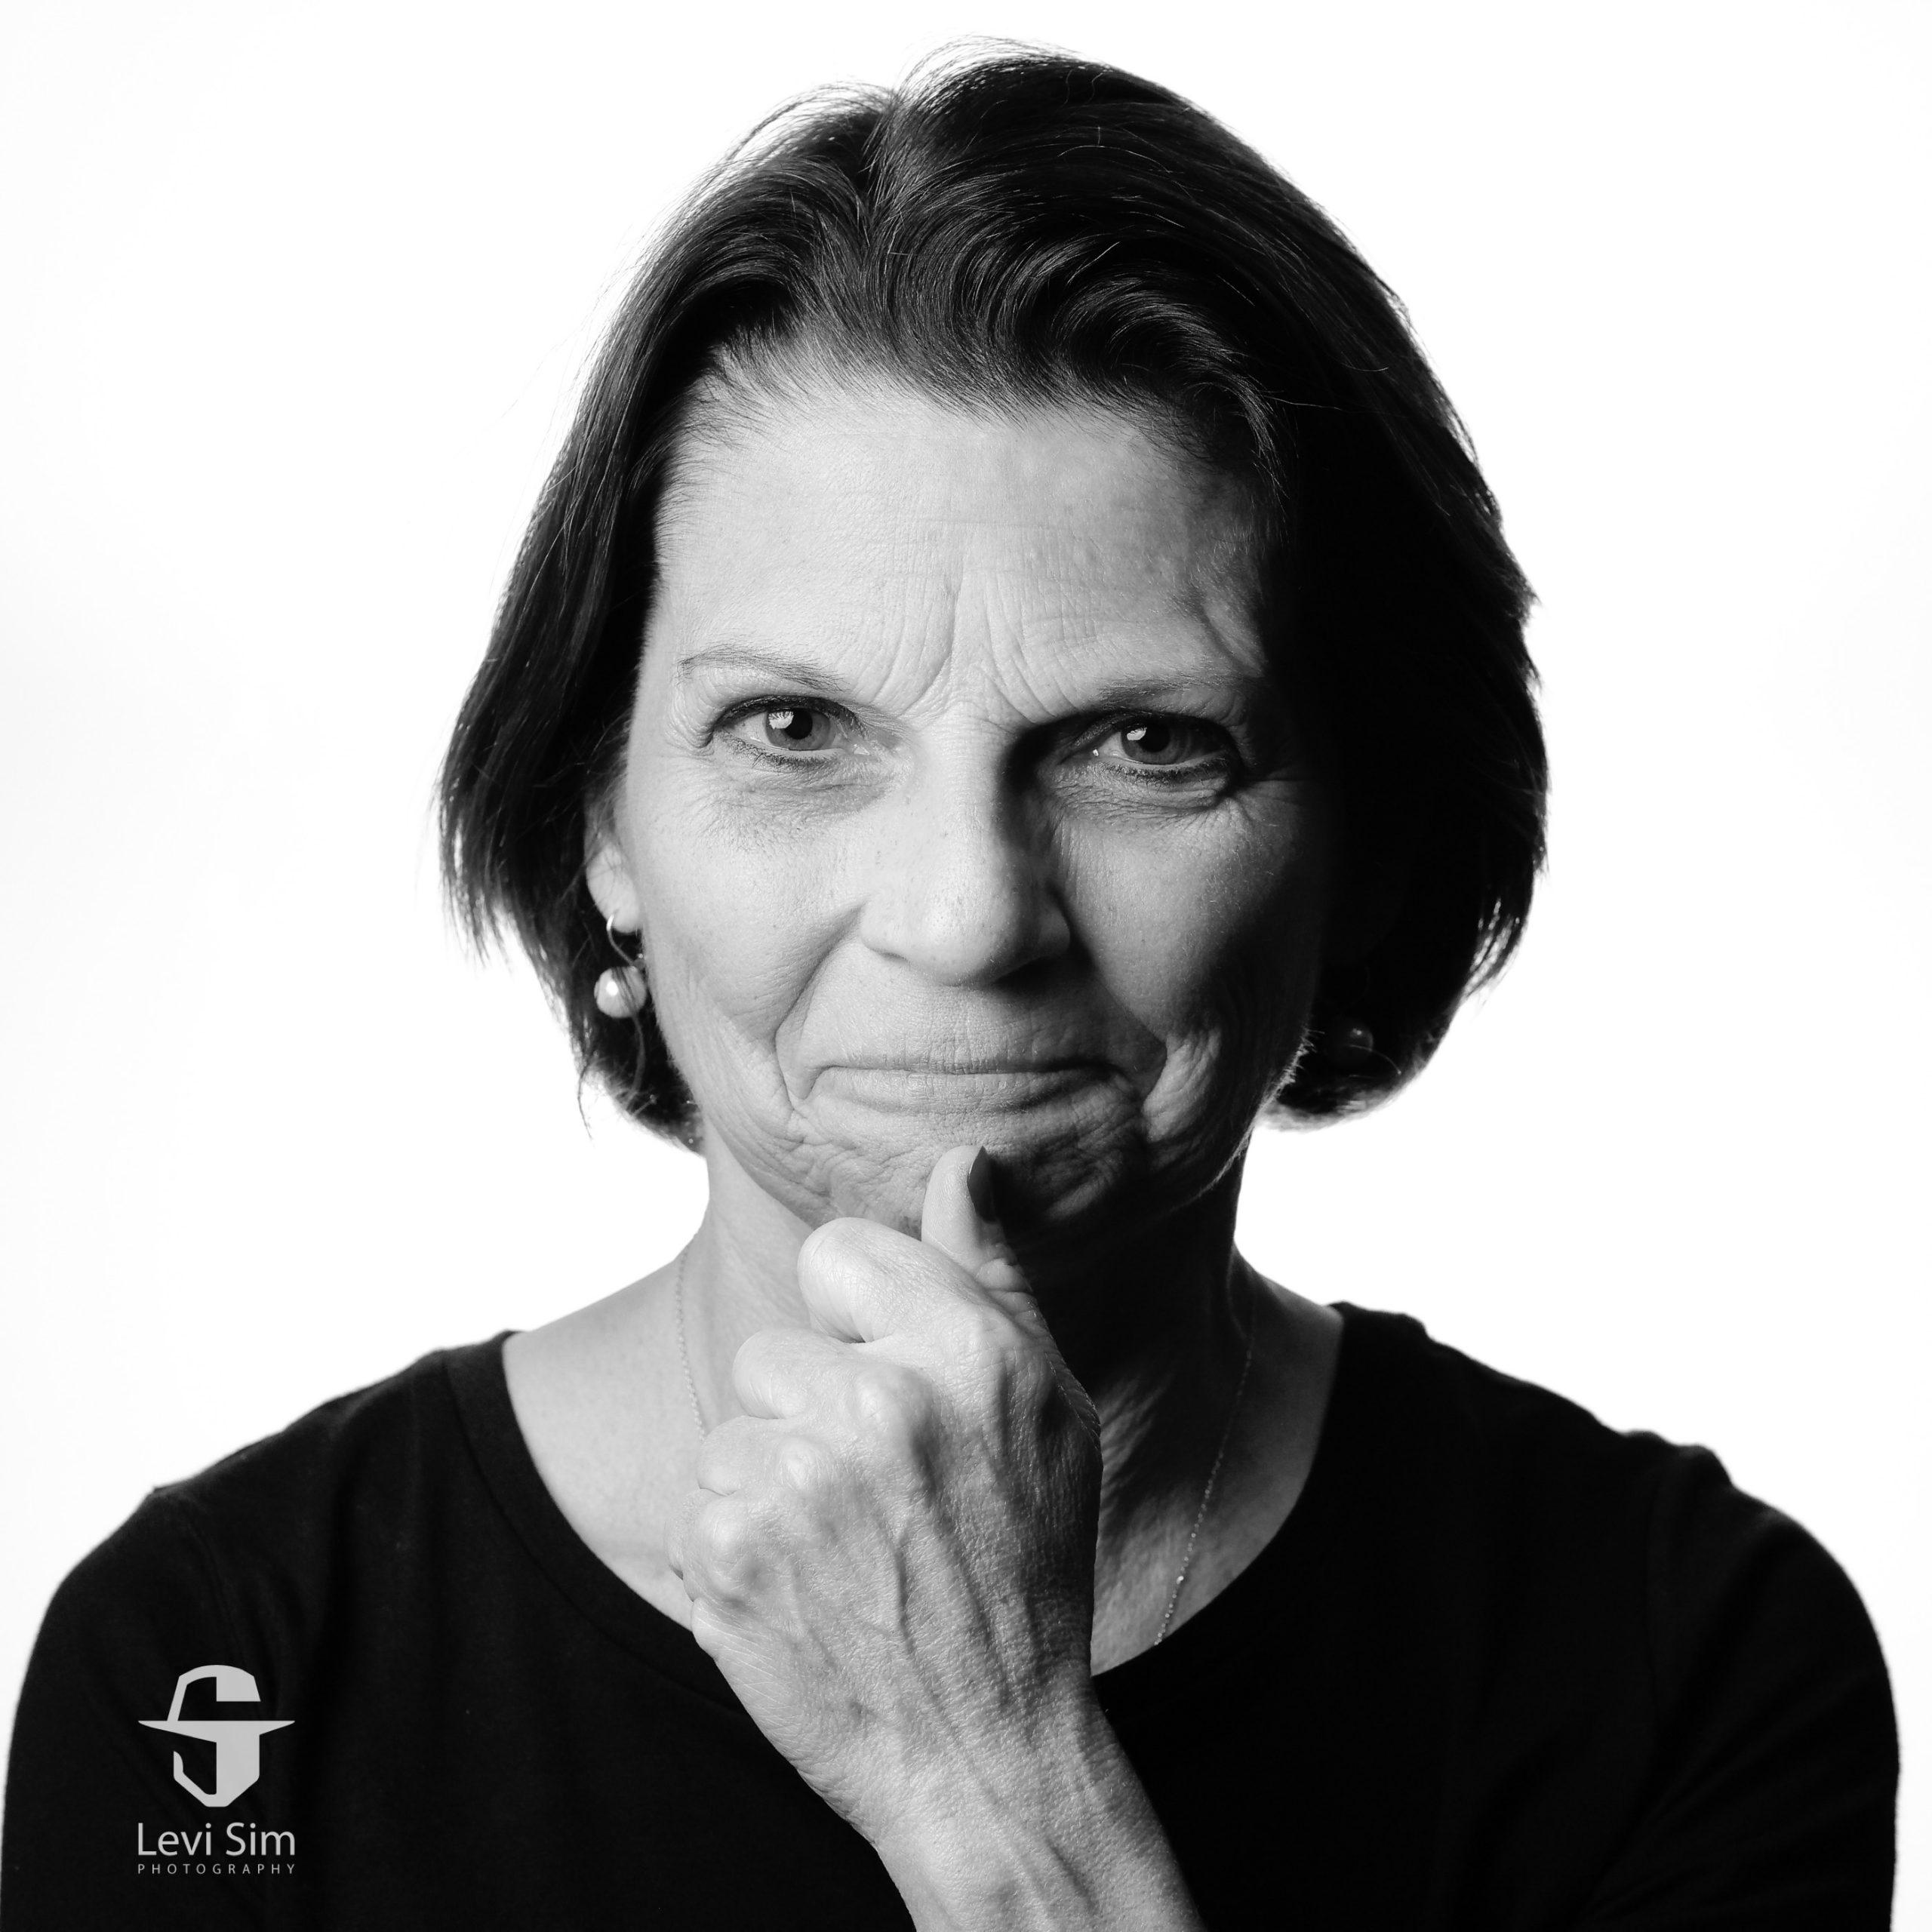 Levi Sim Steve Jobs Portrait Project Out Of Chicago 2017-61